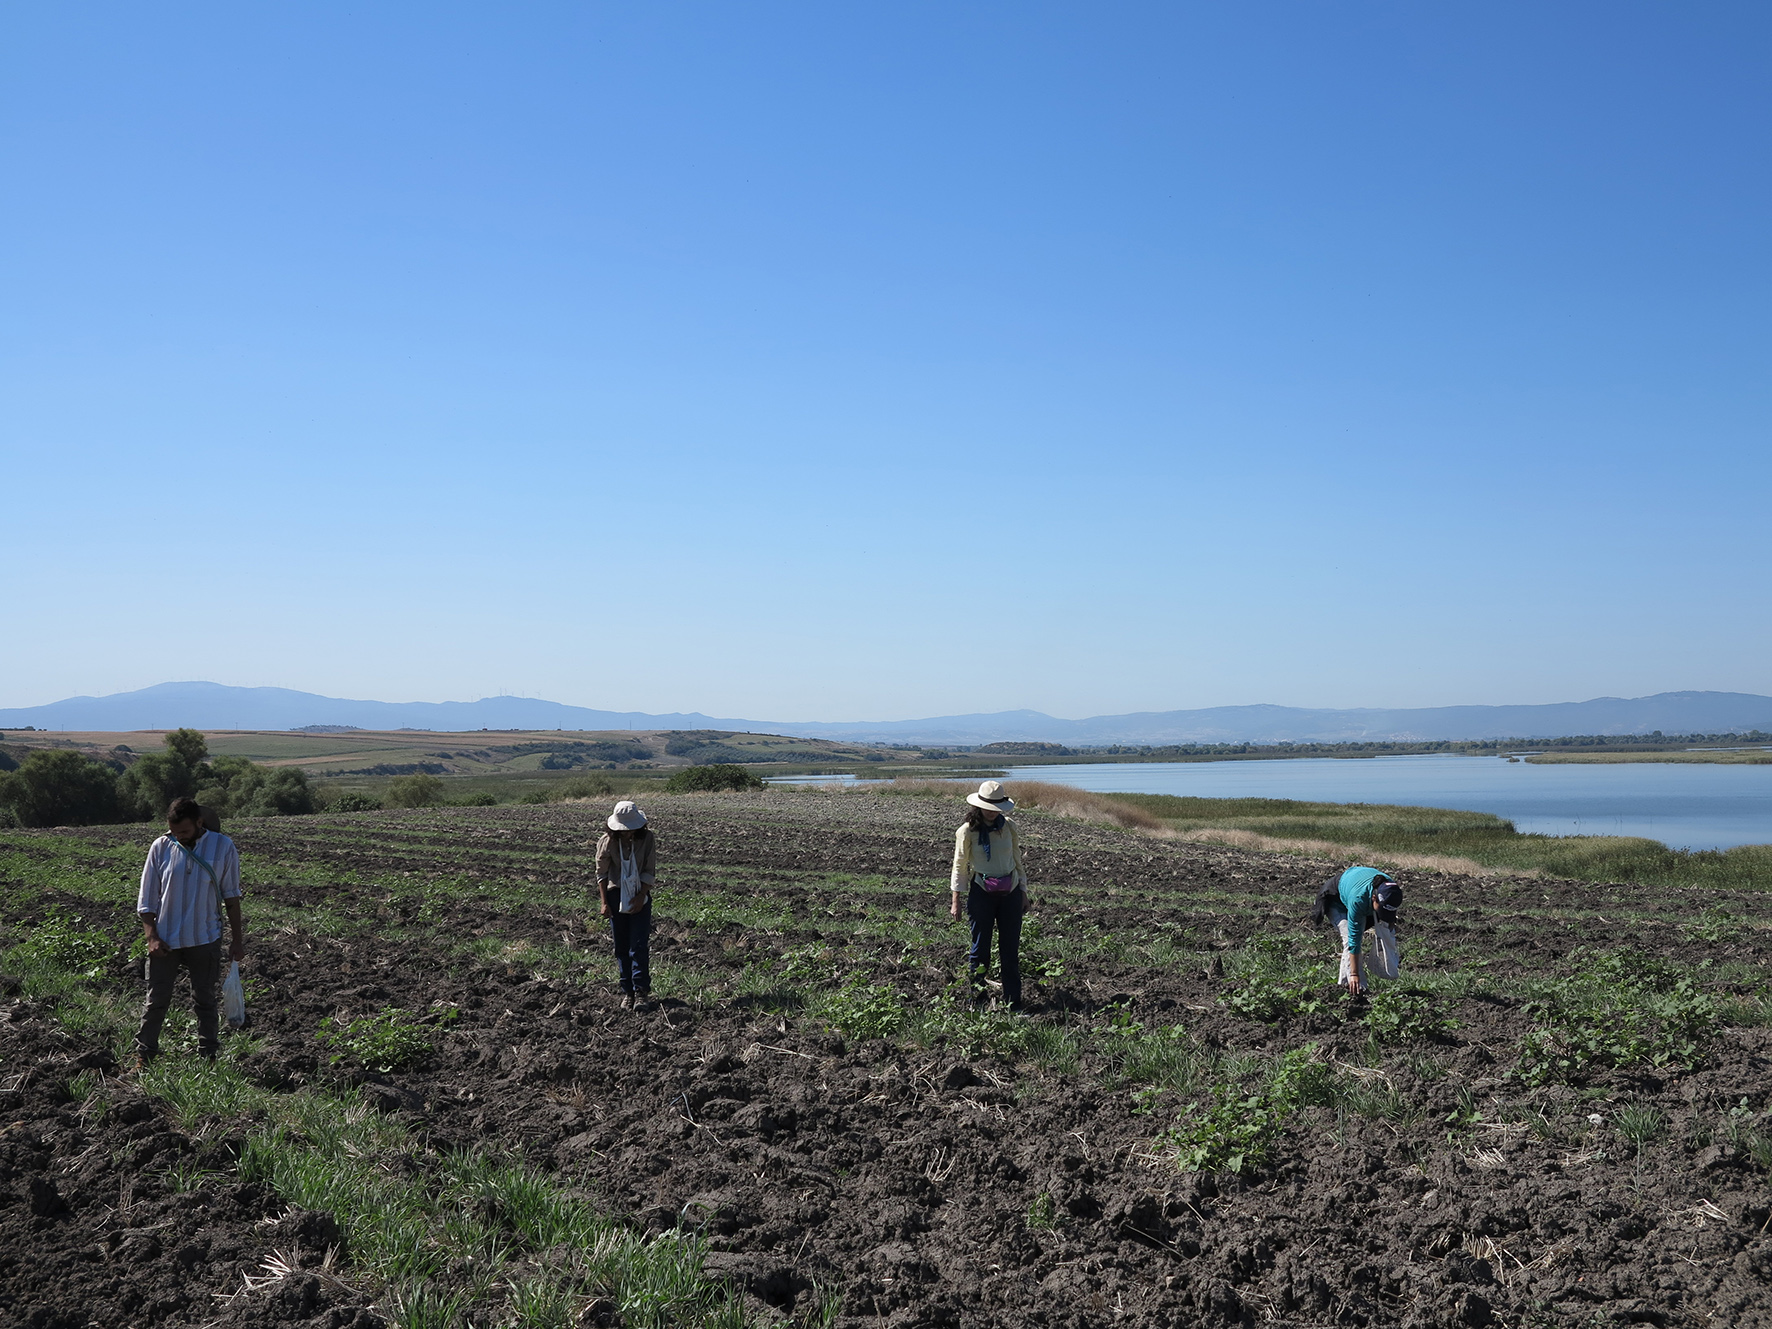 Manyas Gölü'nün hemen doğusunda yer alan Musluçeşme yerleşiminde 2017 ve 2018 yıllarında yoğun ve sistematik yüzey taramaları yapıldı.